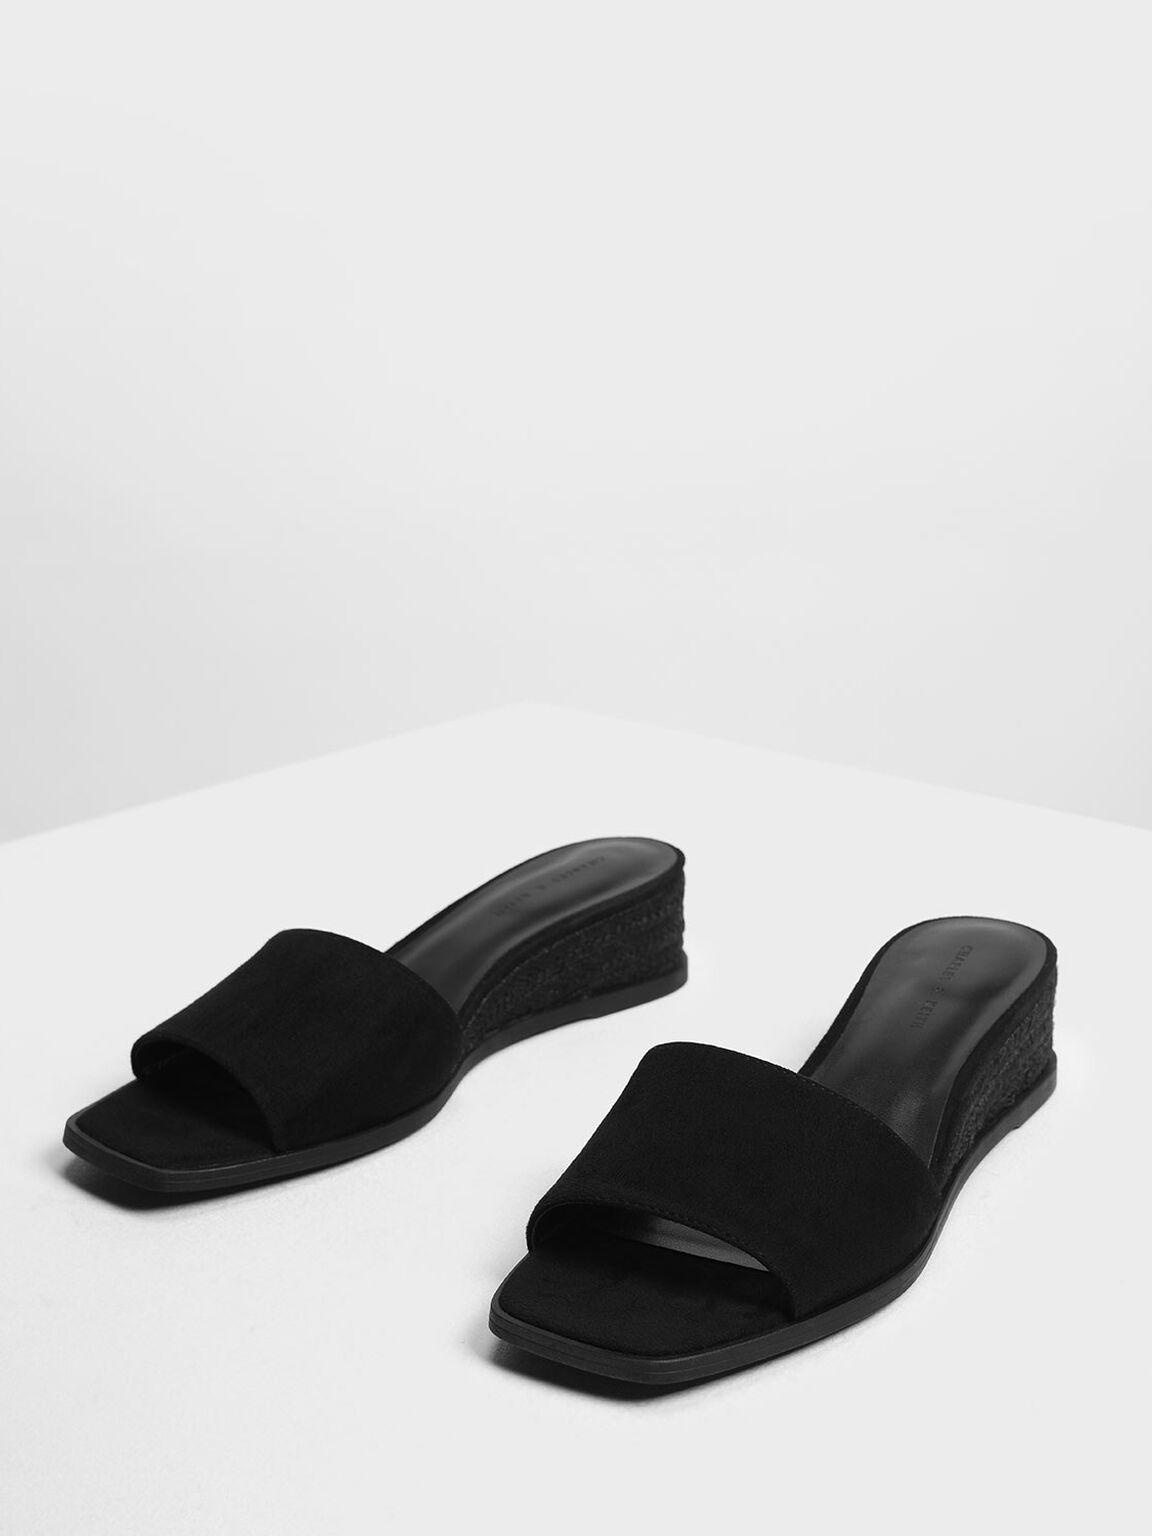 Espadrille Wedges, Black, hi-res